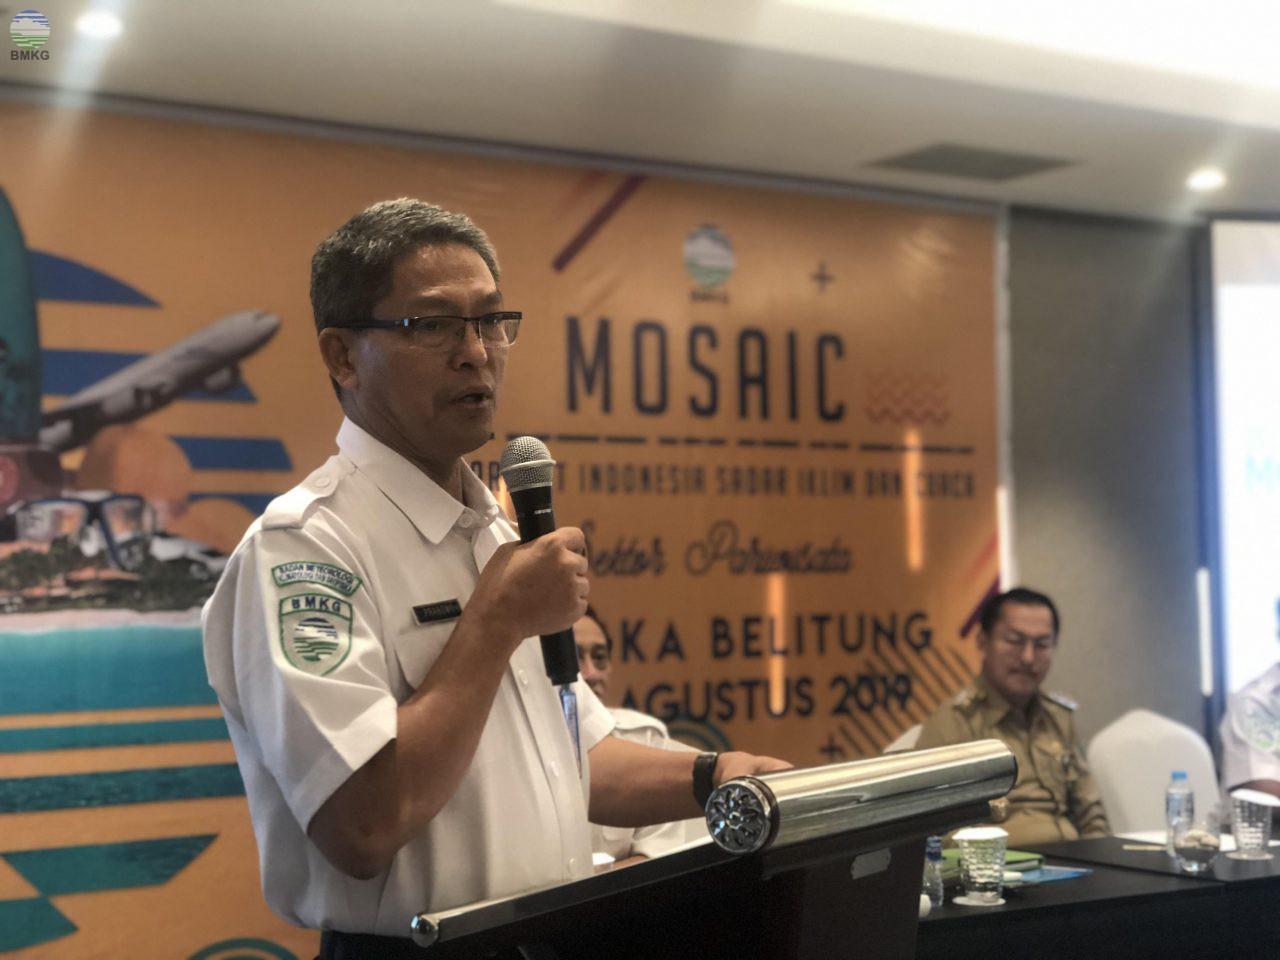 BMKG Selenggarakan Program MOSAIC guna Mendukung Pengembangan Sektor Pariwisata Indonesia